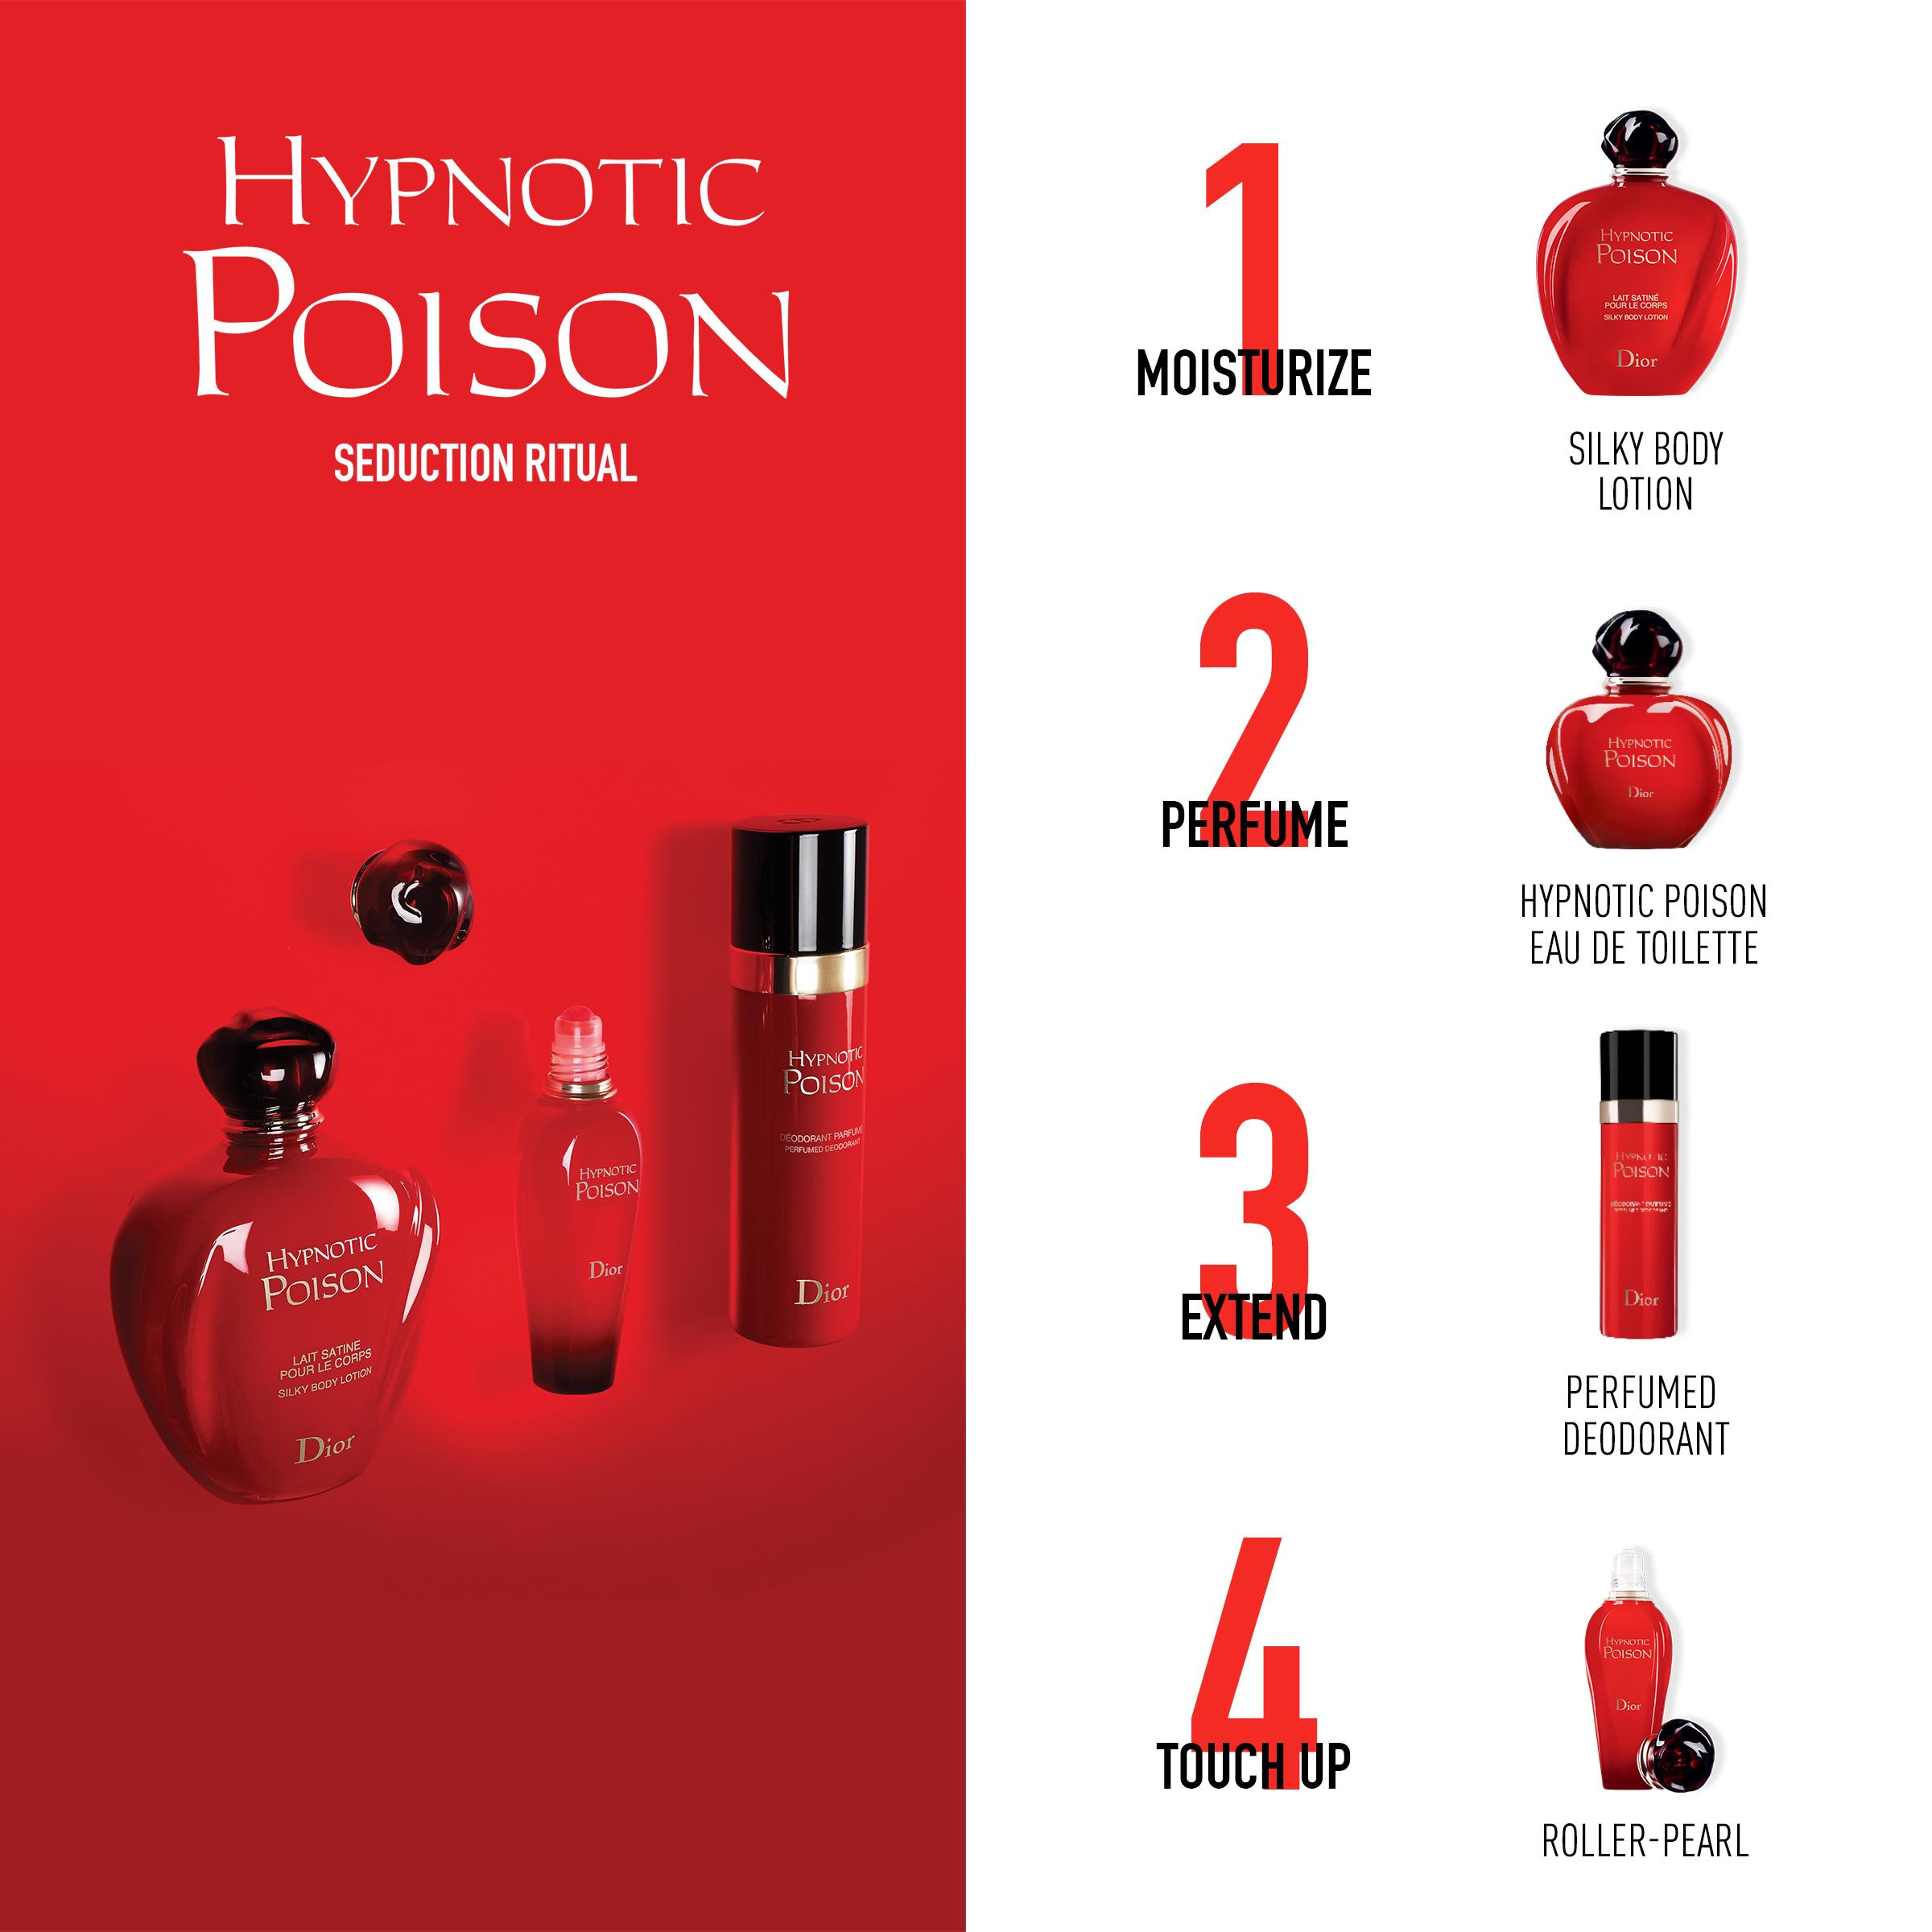 DIOR Hypnotic Poison Roller-Pearl Eau de Toilette, 20 ml